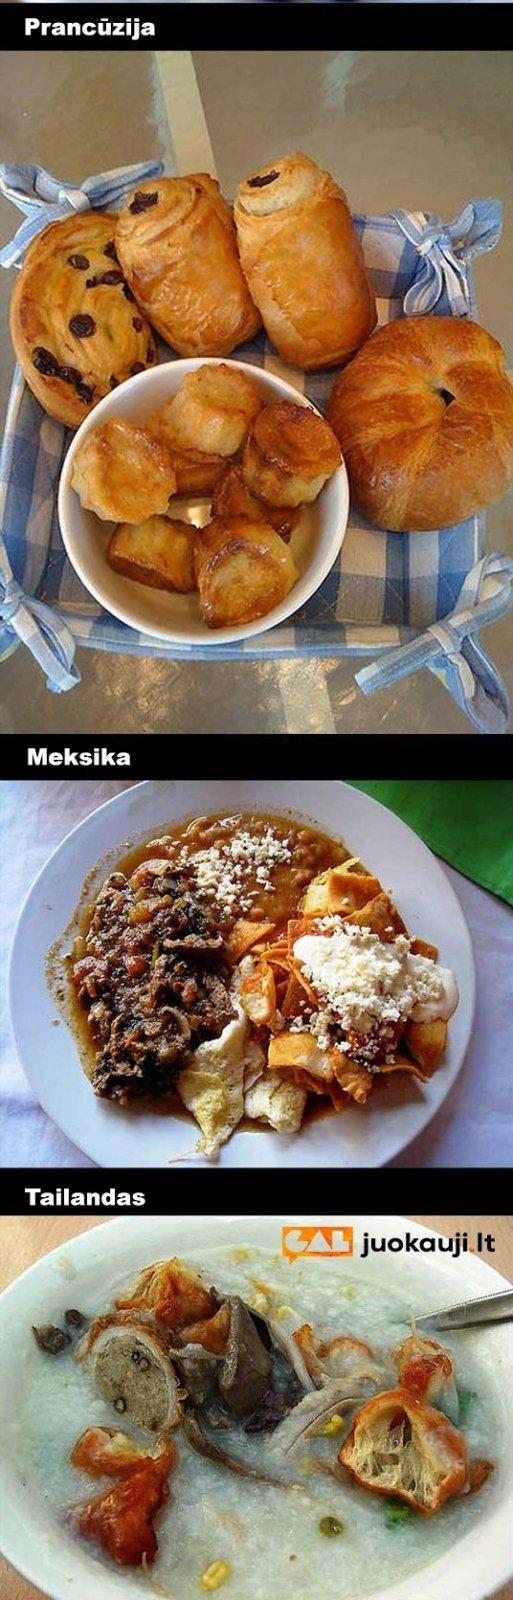 Kaip atrodo pusryčiai įvairiausiuose pasaulio kampeliuose: Lietuva jus sužavės